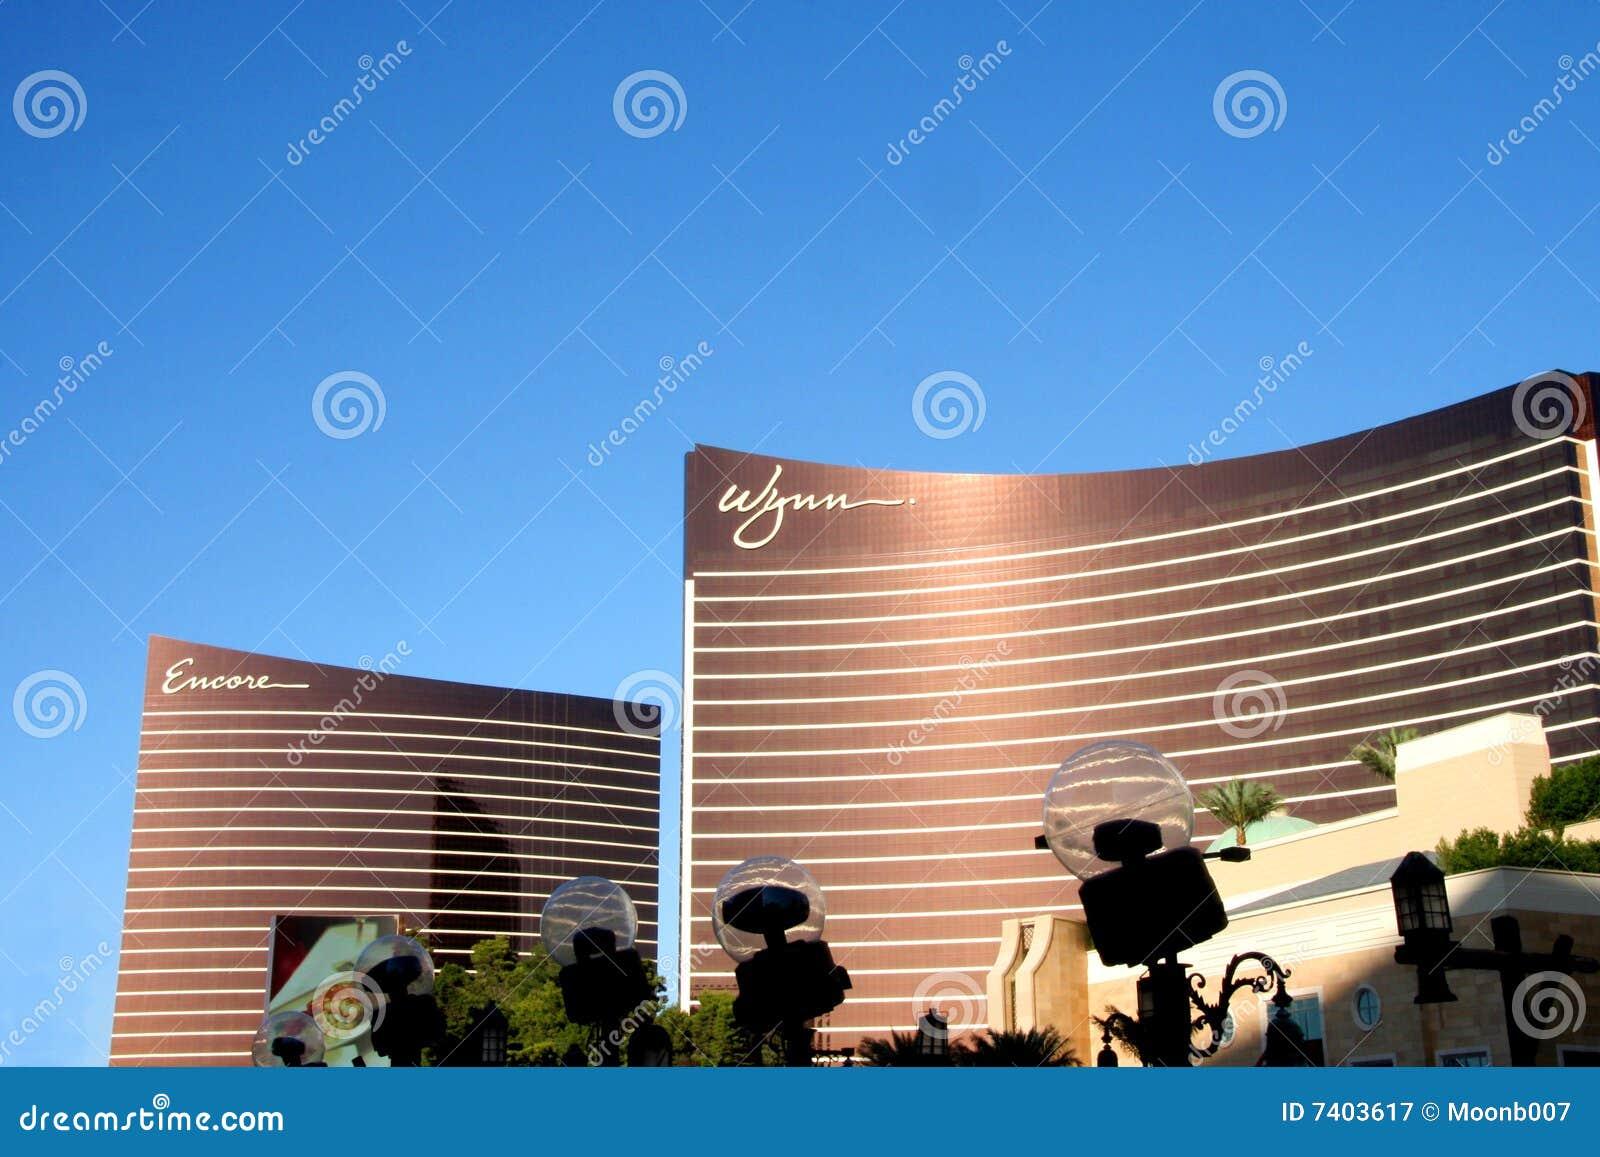 Wynn de casino